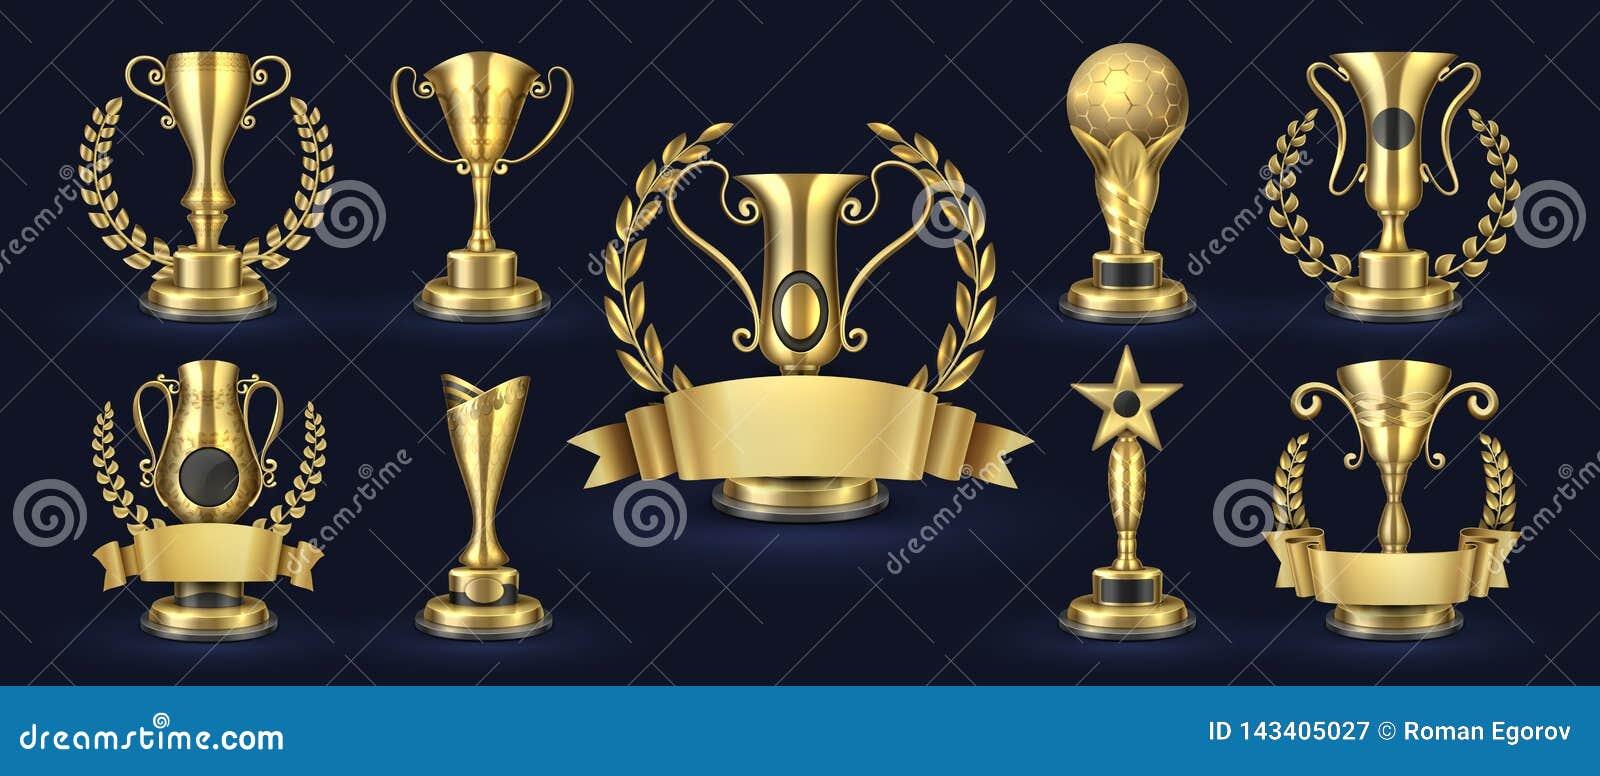 Χρυσό τρόπαιο Ρεαλιστικό βραβείο πρωτοπόρων, βραβεία νικητών διαγωνισμού με τις μορφές δαφνών, τρισδιάστατο έμβλημα βραβείων Διαν